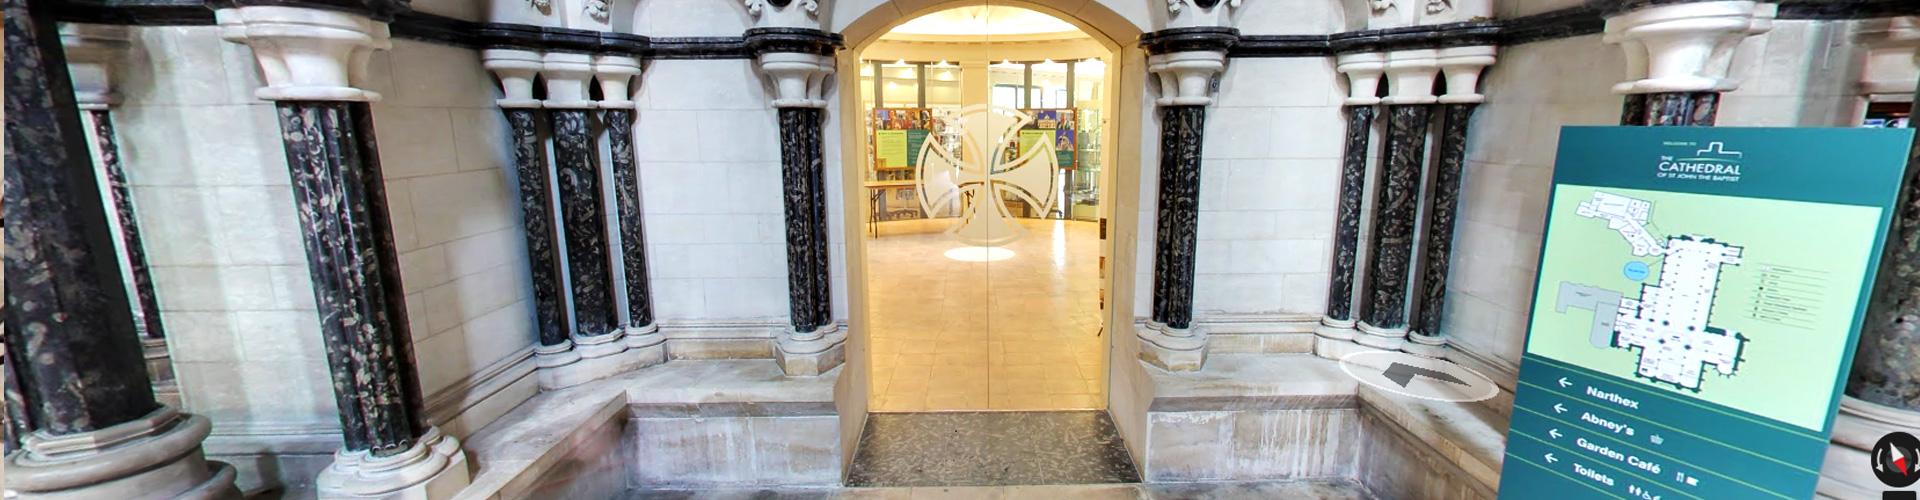 narthex-entrance